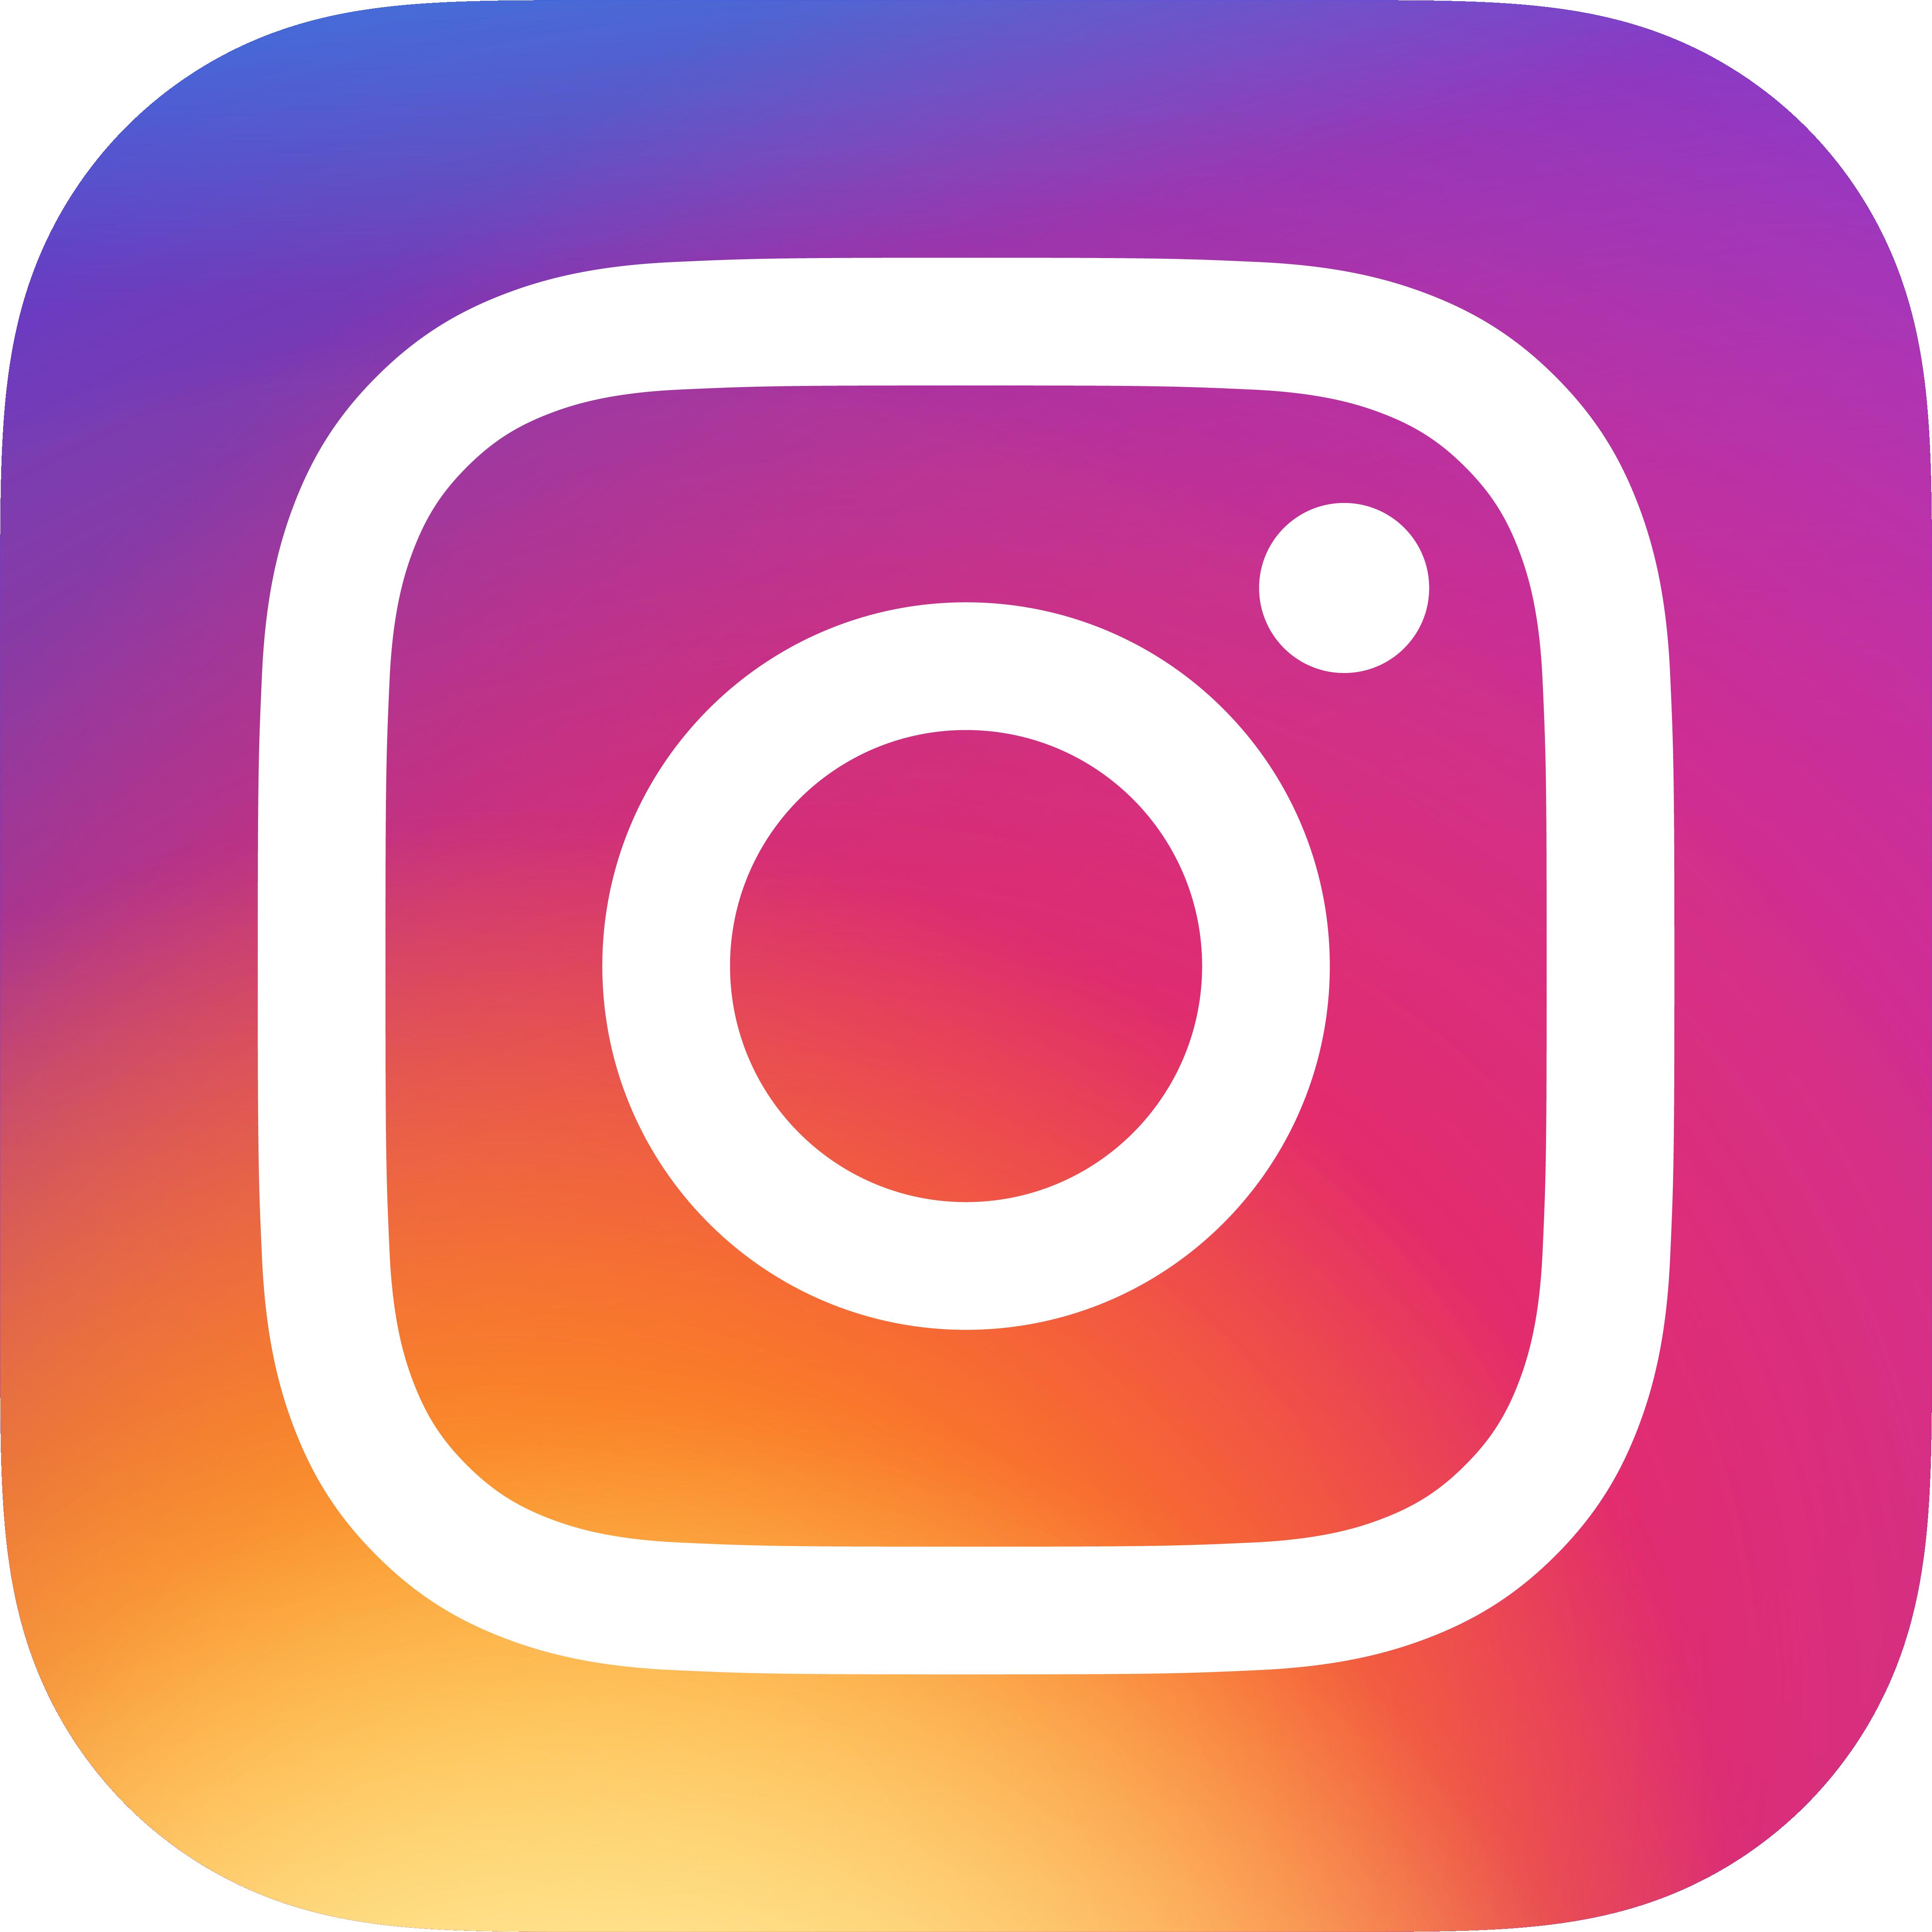 Instagram - Wikidata